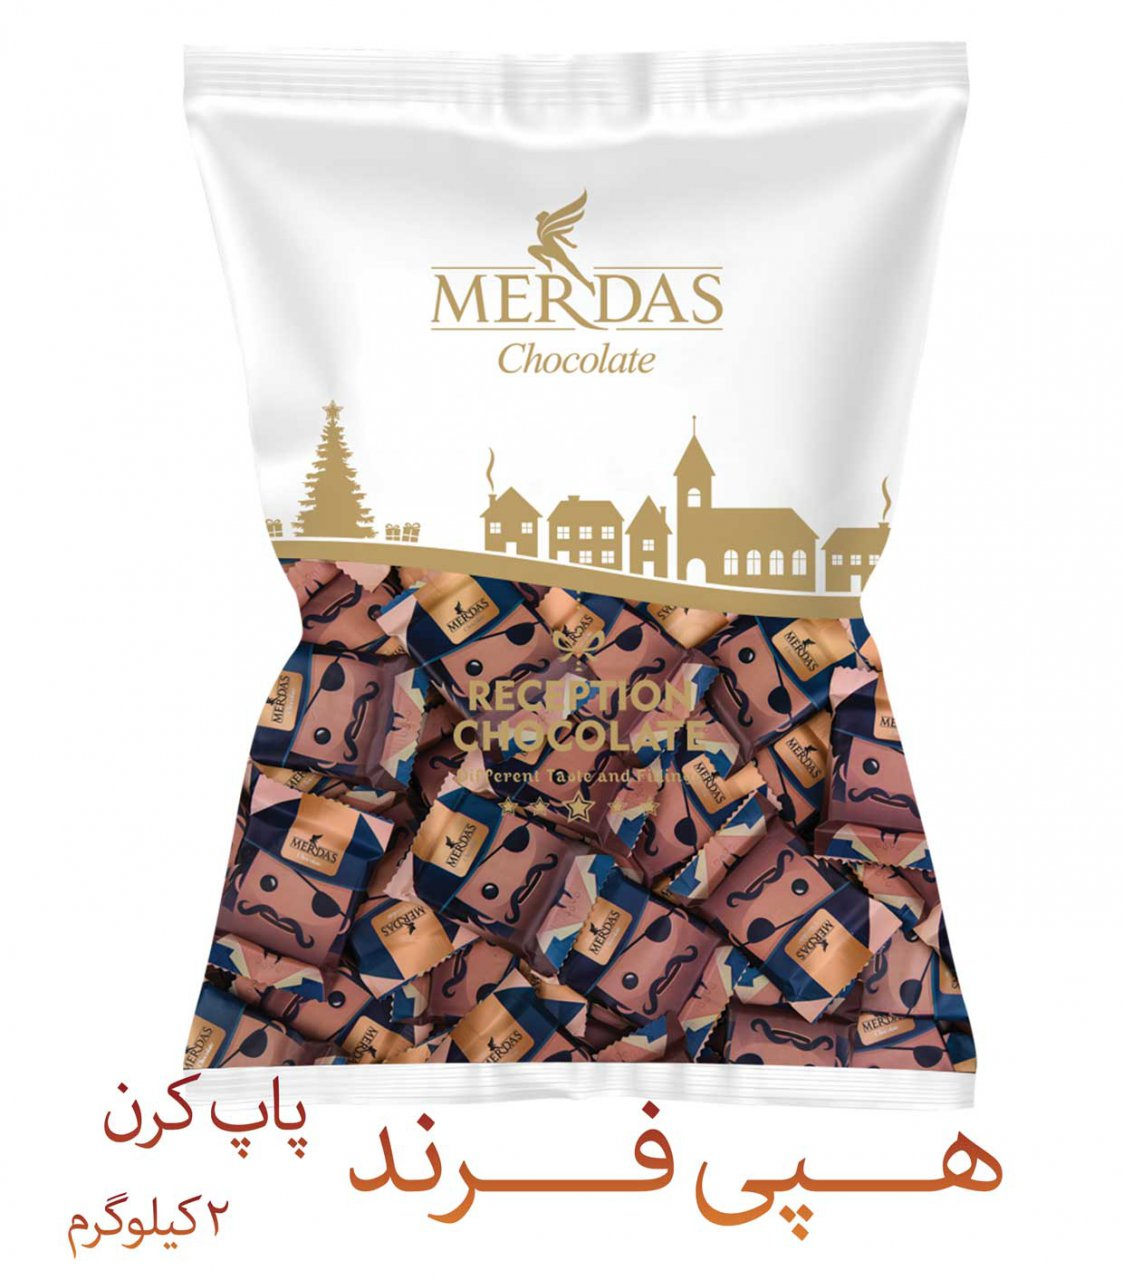 شکلات مرداس طرح هپی فرند پاپ کورن